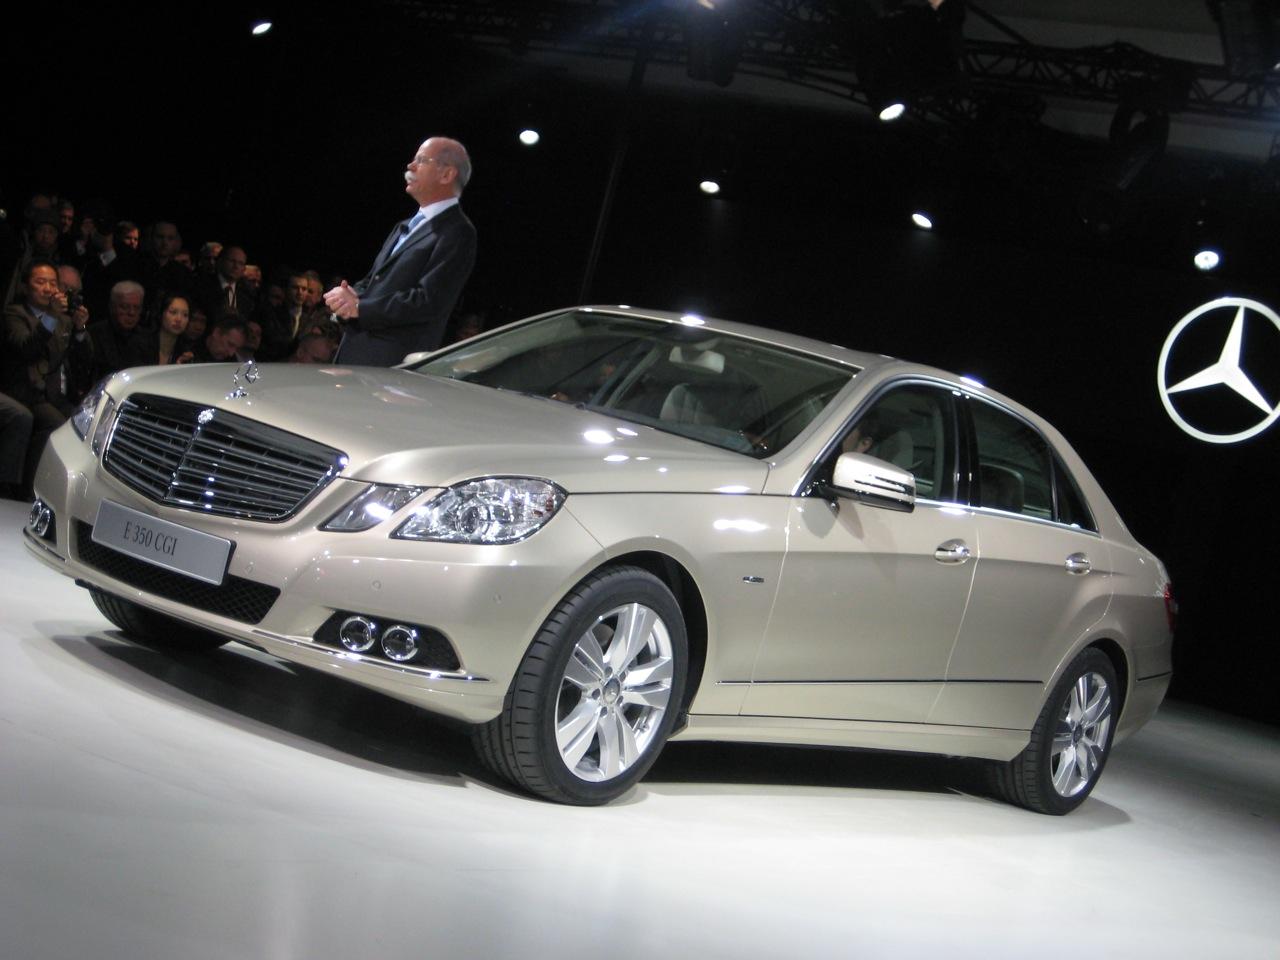 2010-e-class-1280-12.jpg